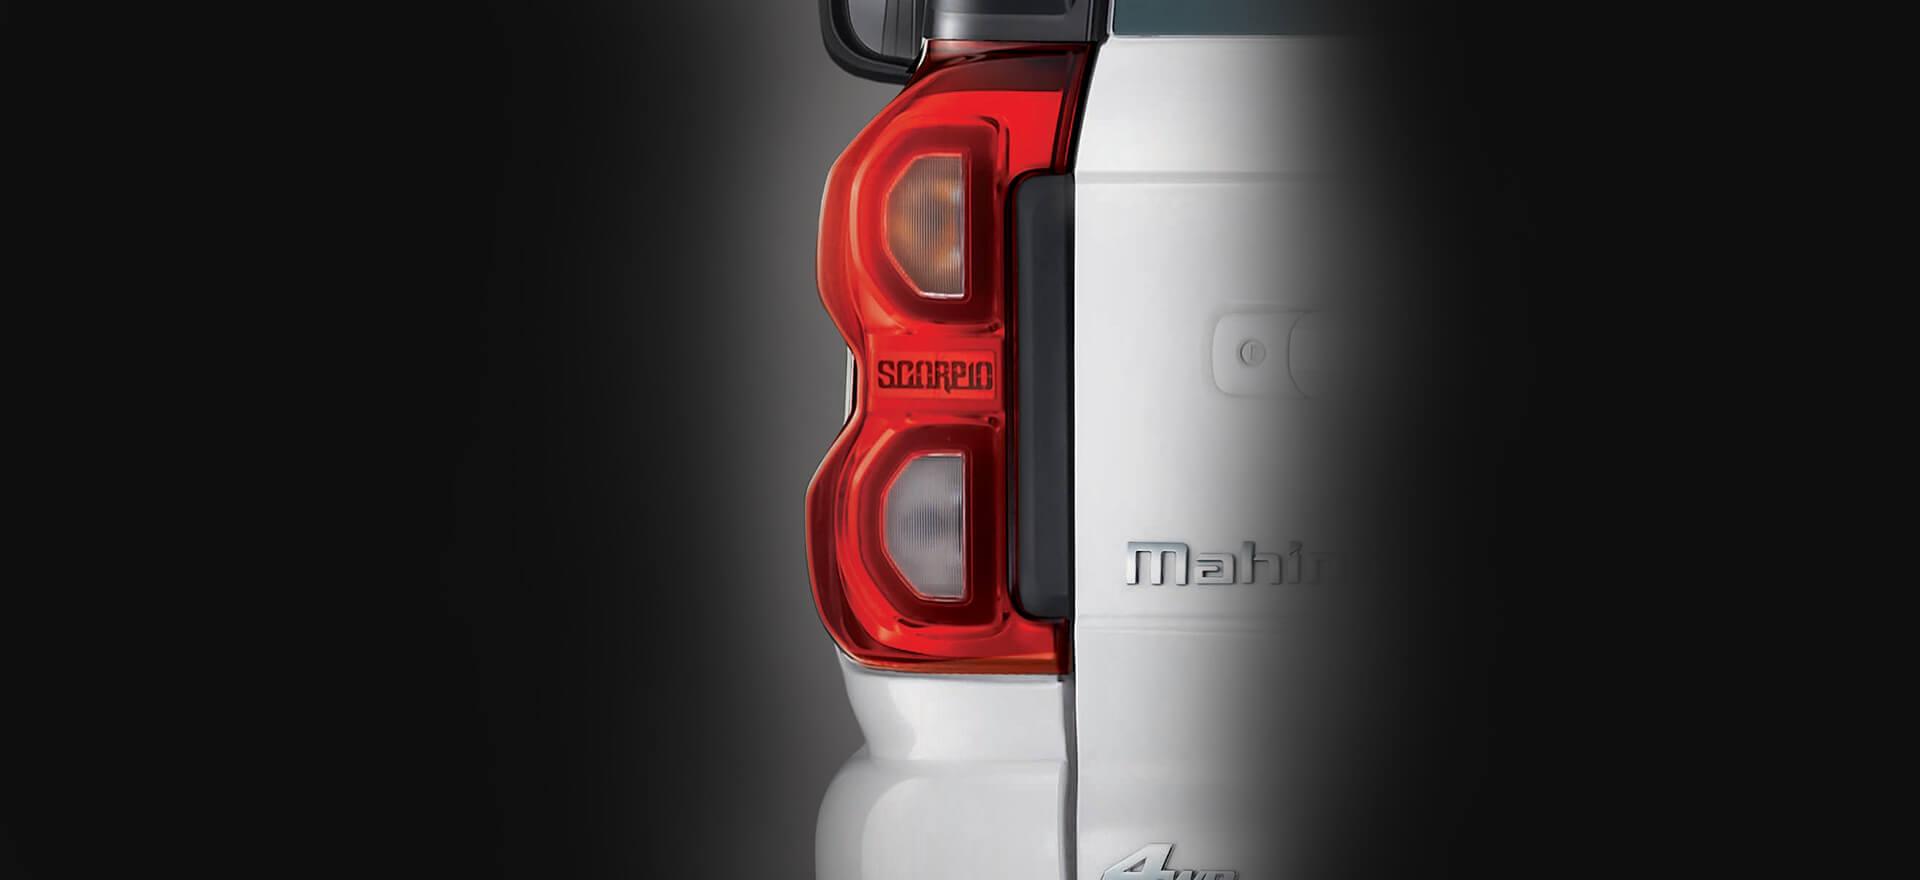 Mahindra Scorpio 2017 facelift tail lamp